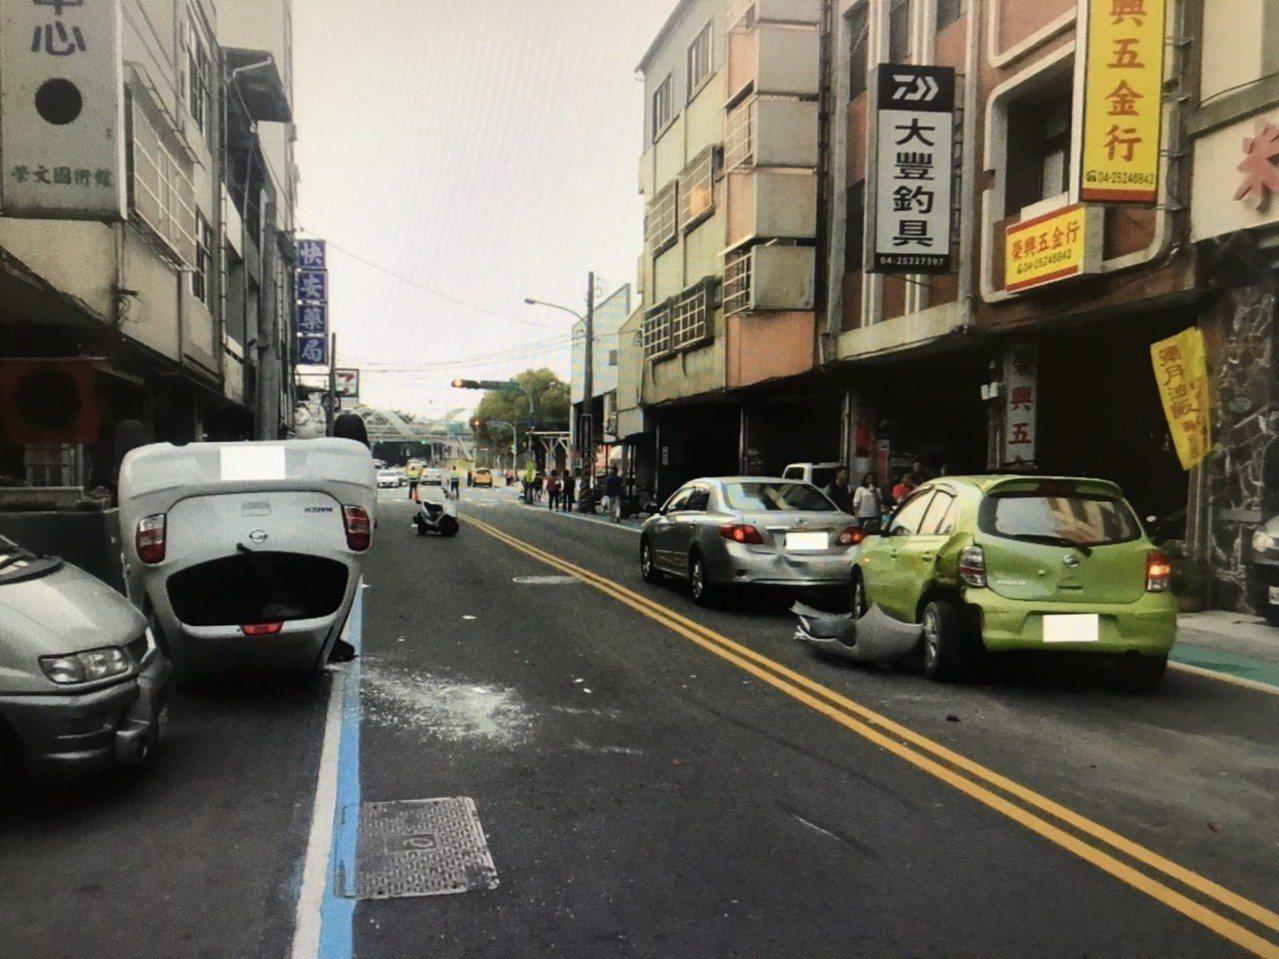 廖男駕駛白色轎車,疑未與前方車輛保持安全車距,追撞兩車後自翻180度、四輪朝天。...